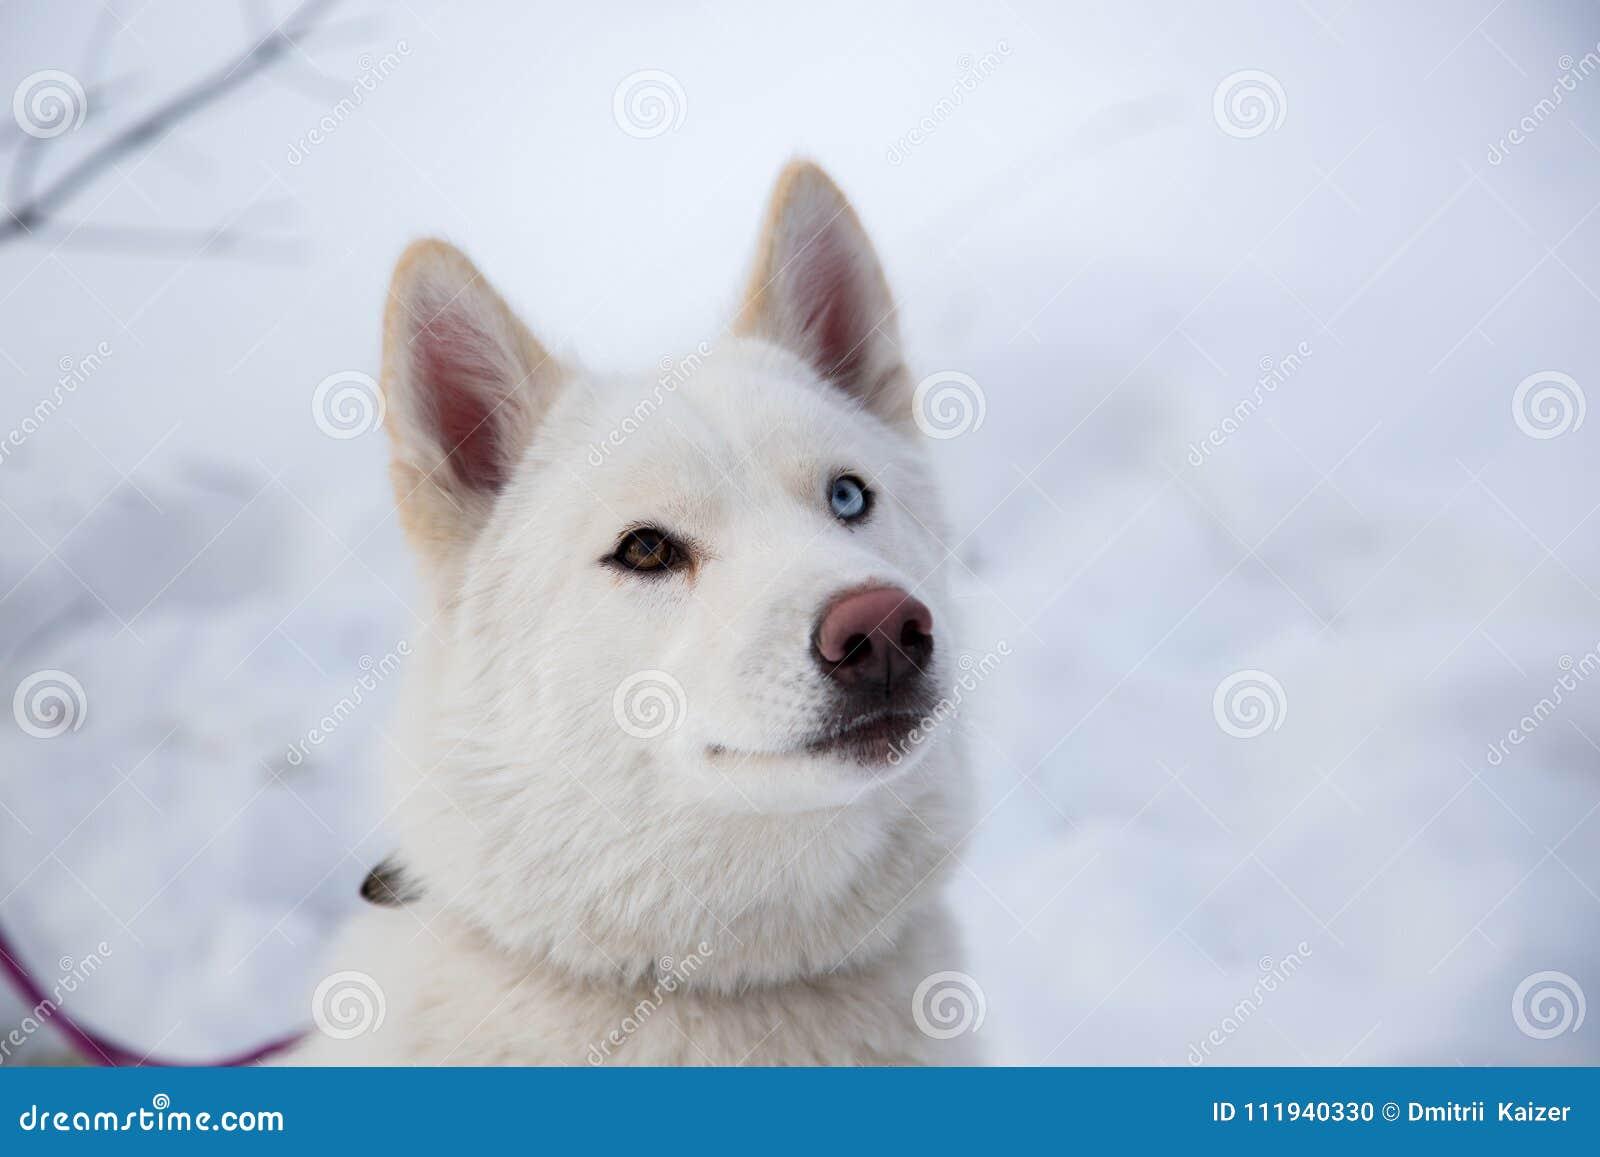 Close Up Beautiful Dog Huskie Stock Photo Image Of Arctic Blue